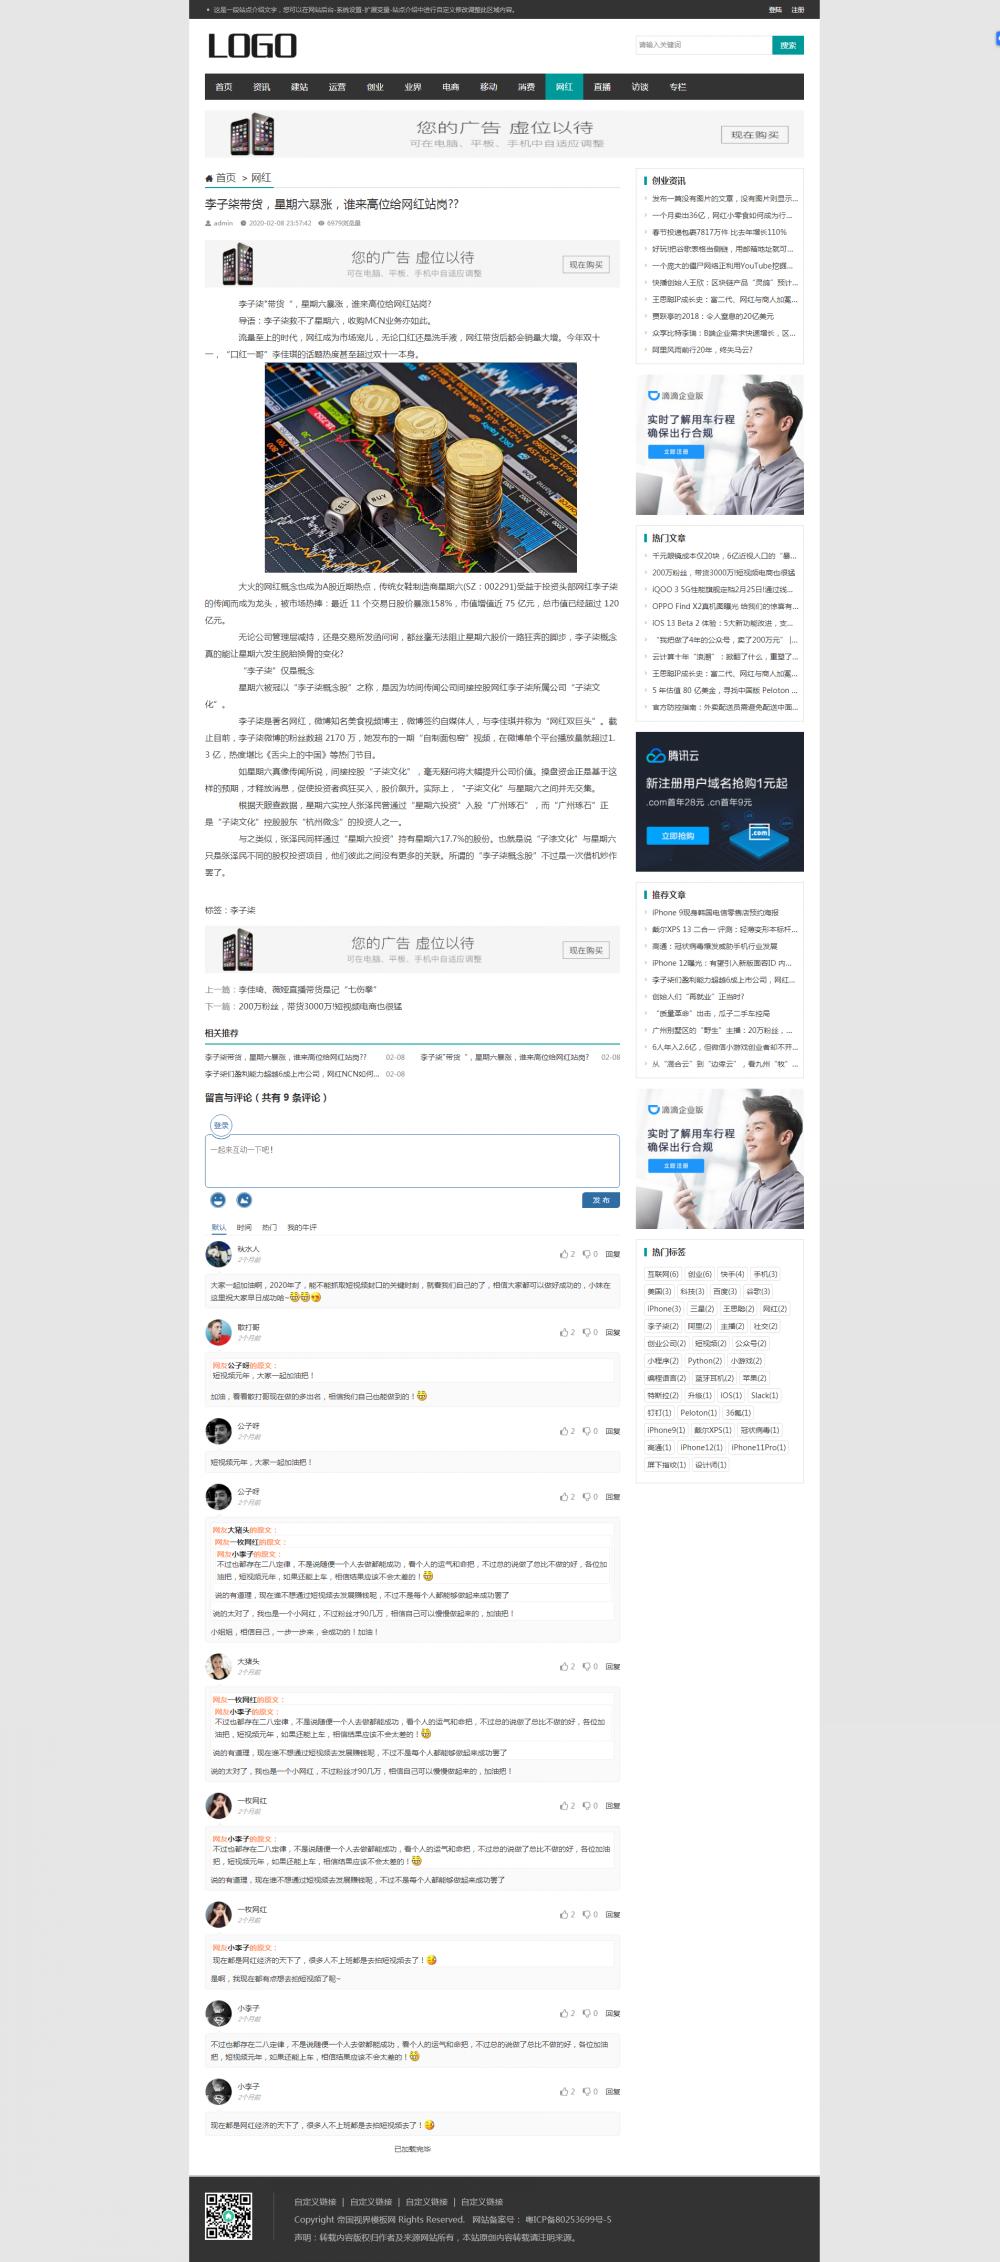 内容页.png [DG-070]帝国CMS模板黑色简约文章新闻资讯文章模板(带会员中心) 新闻资讯 第3张